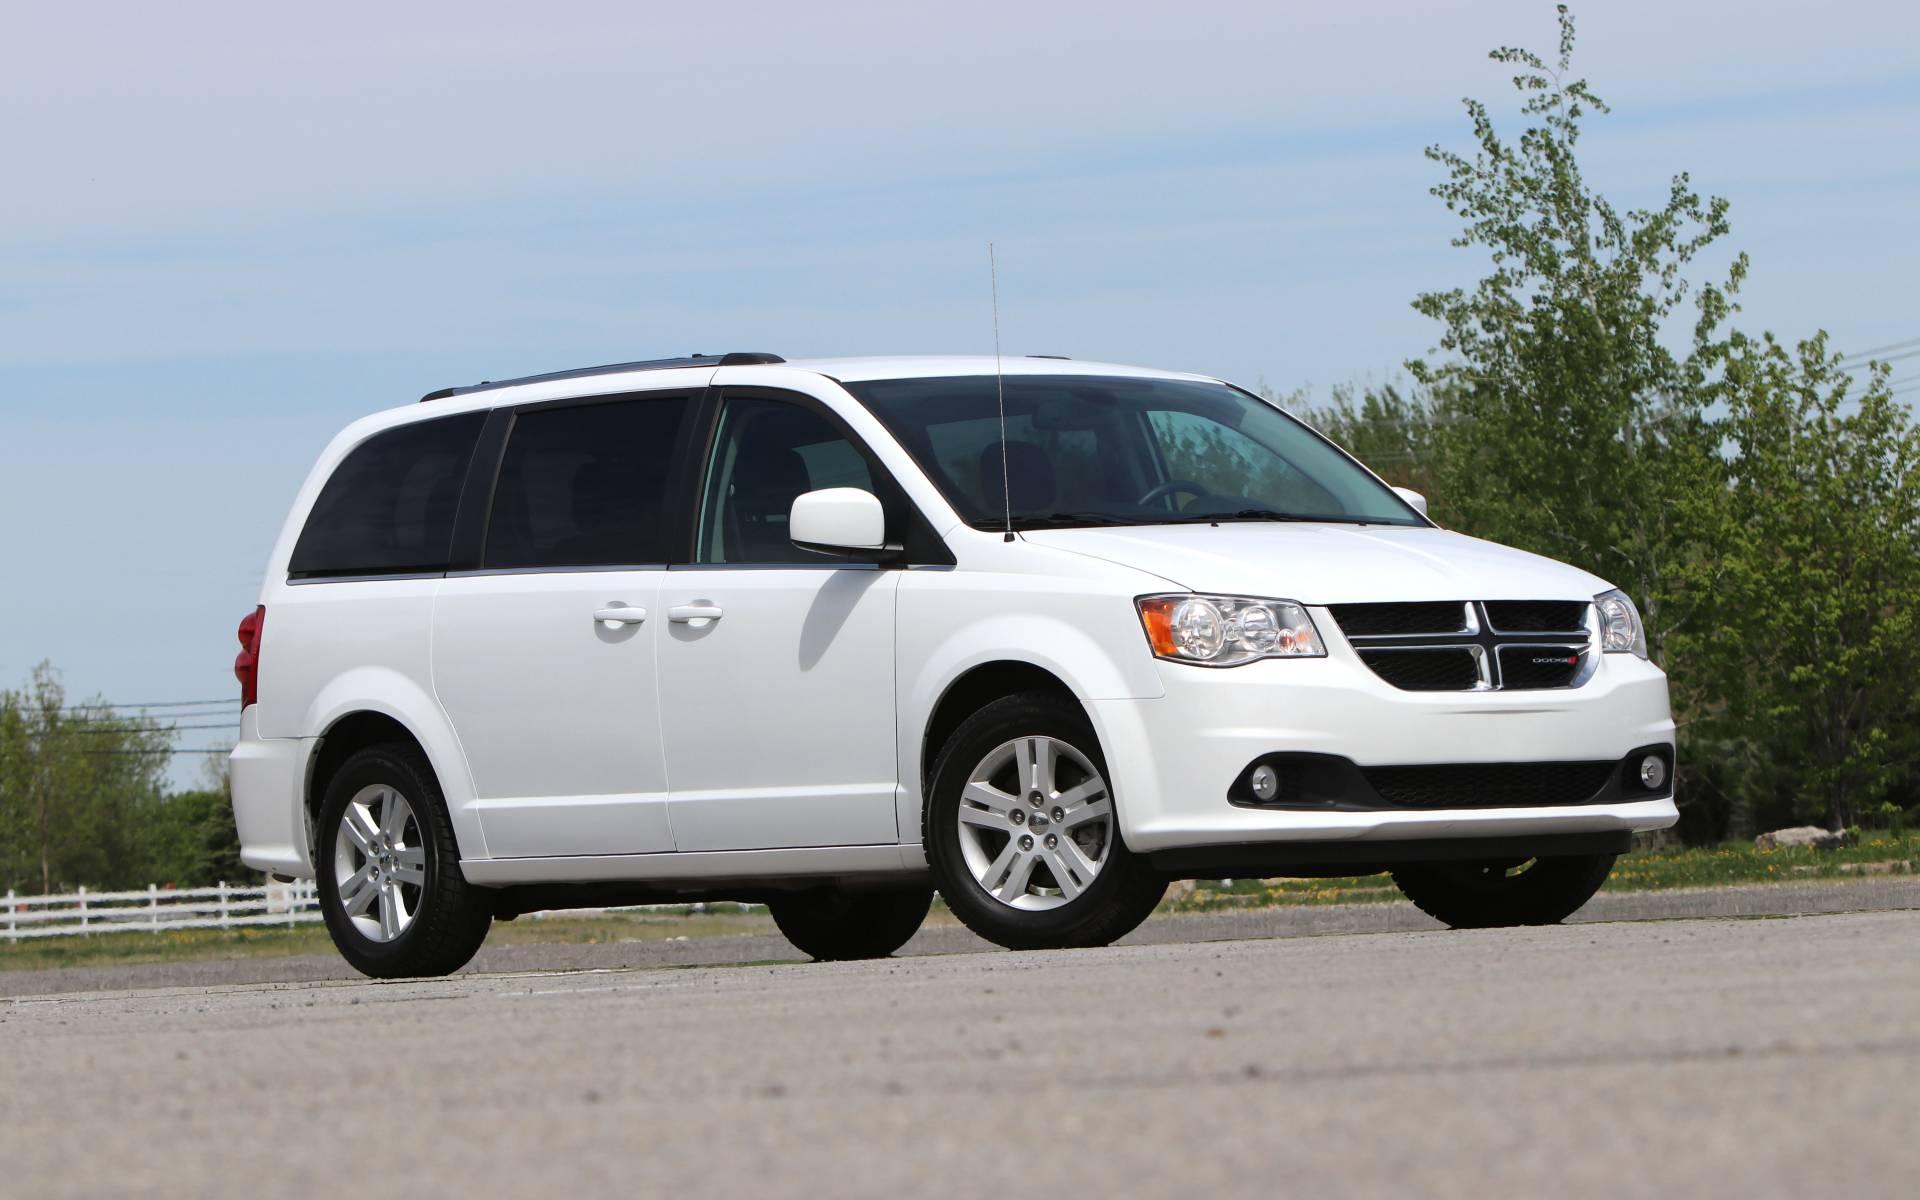 dodge grand caravan 2020 0 financing 1 Dodge Grand Caravan: One Last Time - The Car Guide